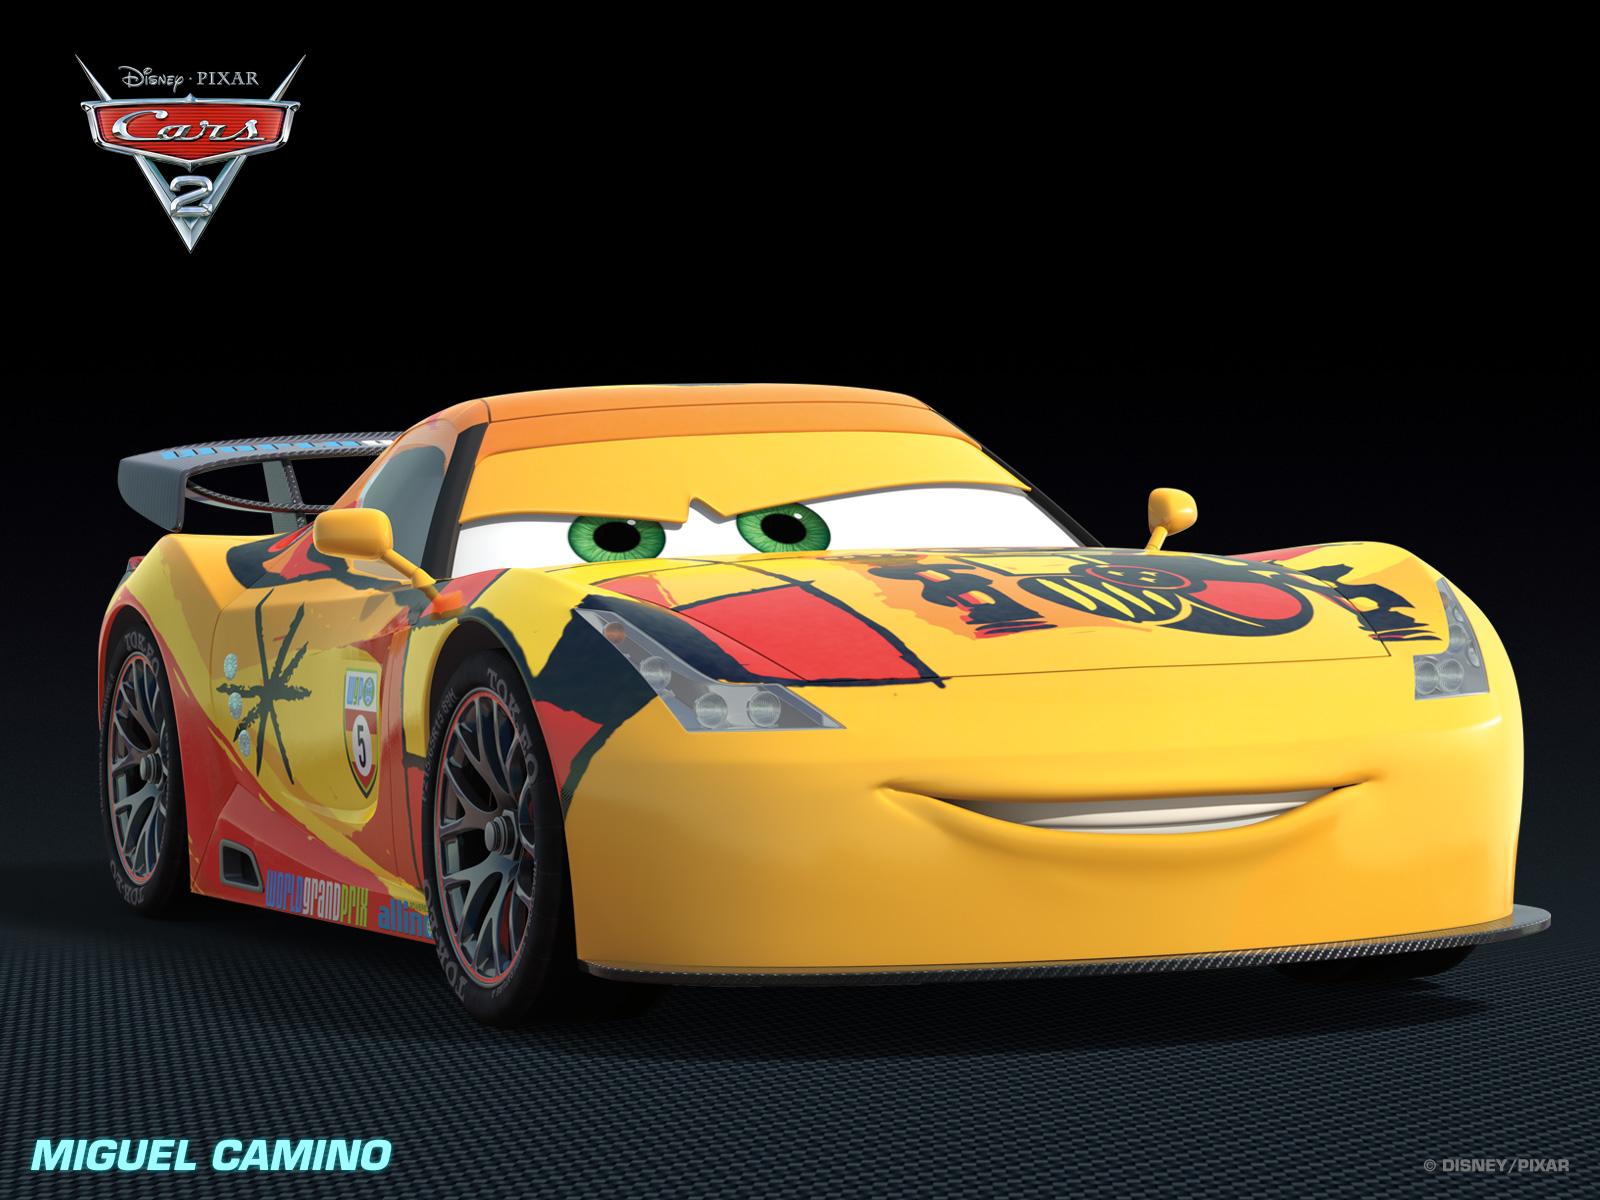 Personaje miguel camino cortos disney pixar cars